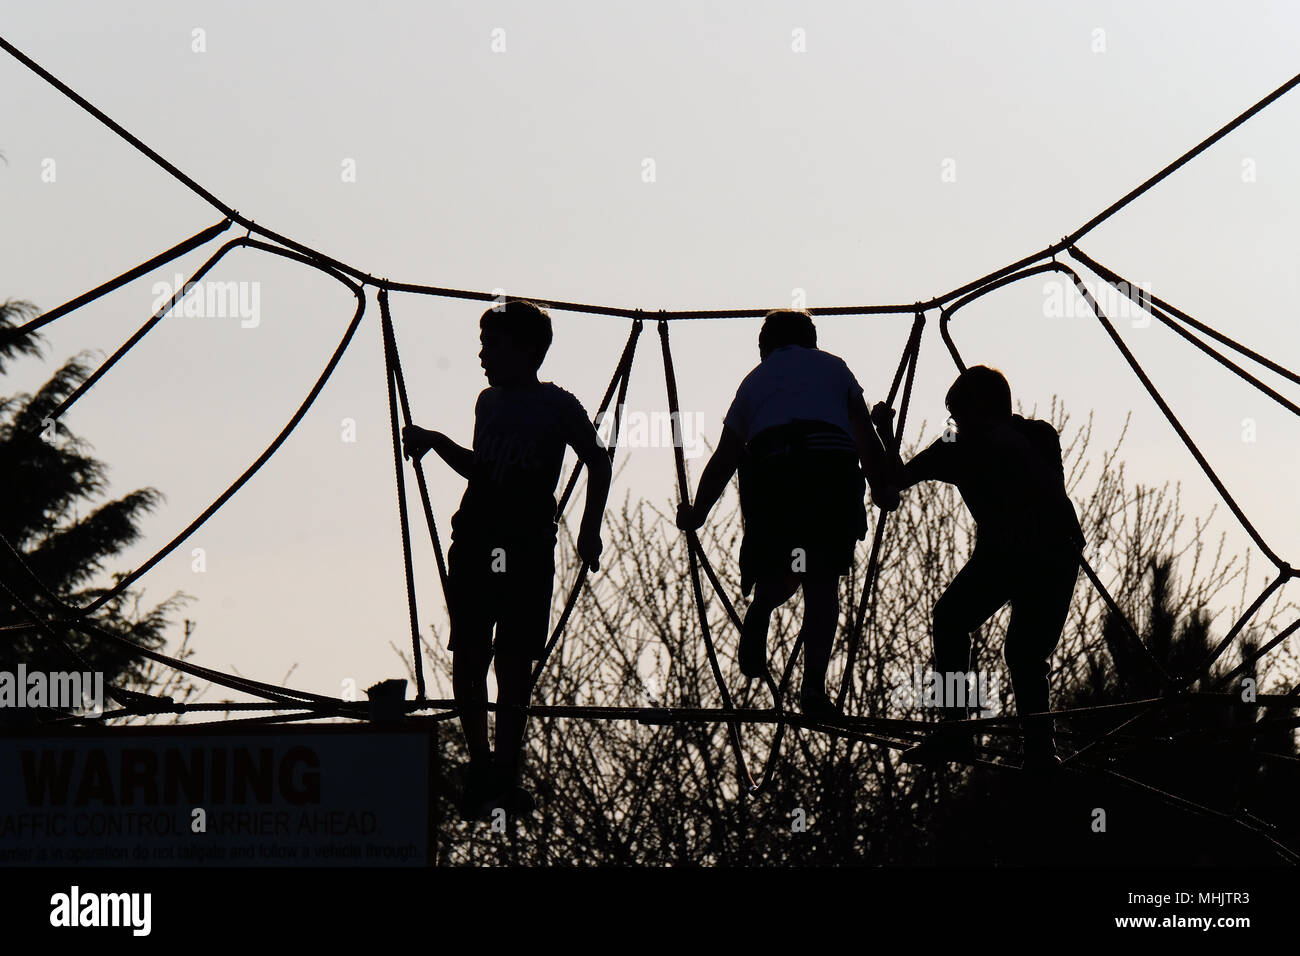 Klettergerüst Aus Seilen : Kinder spielen auf modernes hohes klettergerüst mit seilen und polen